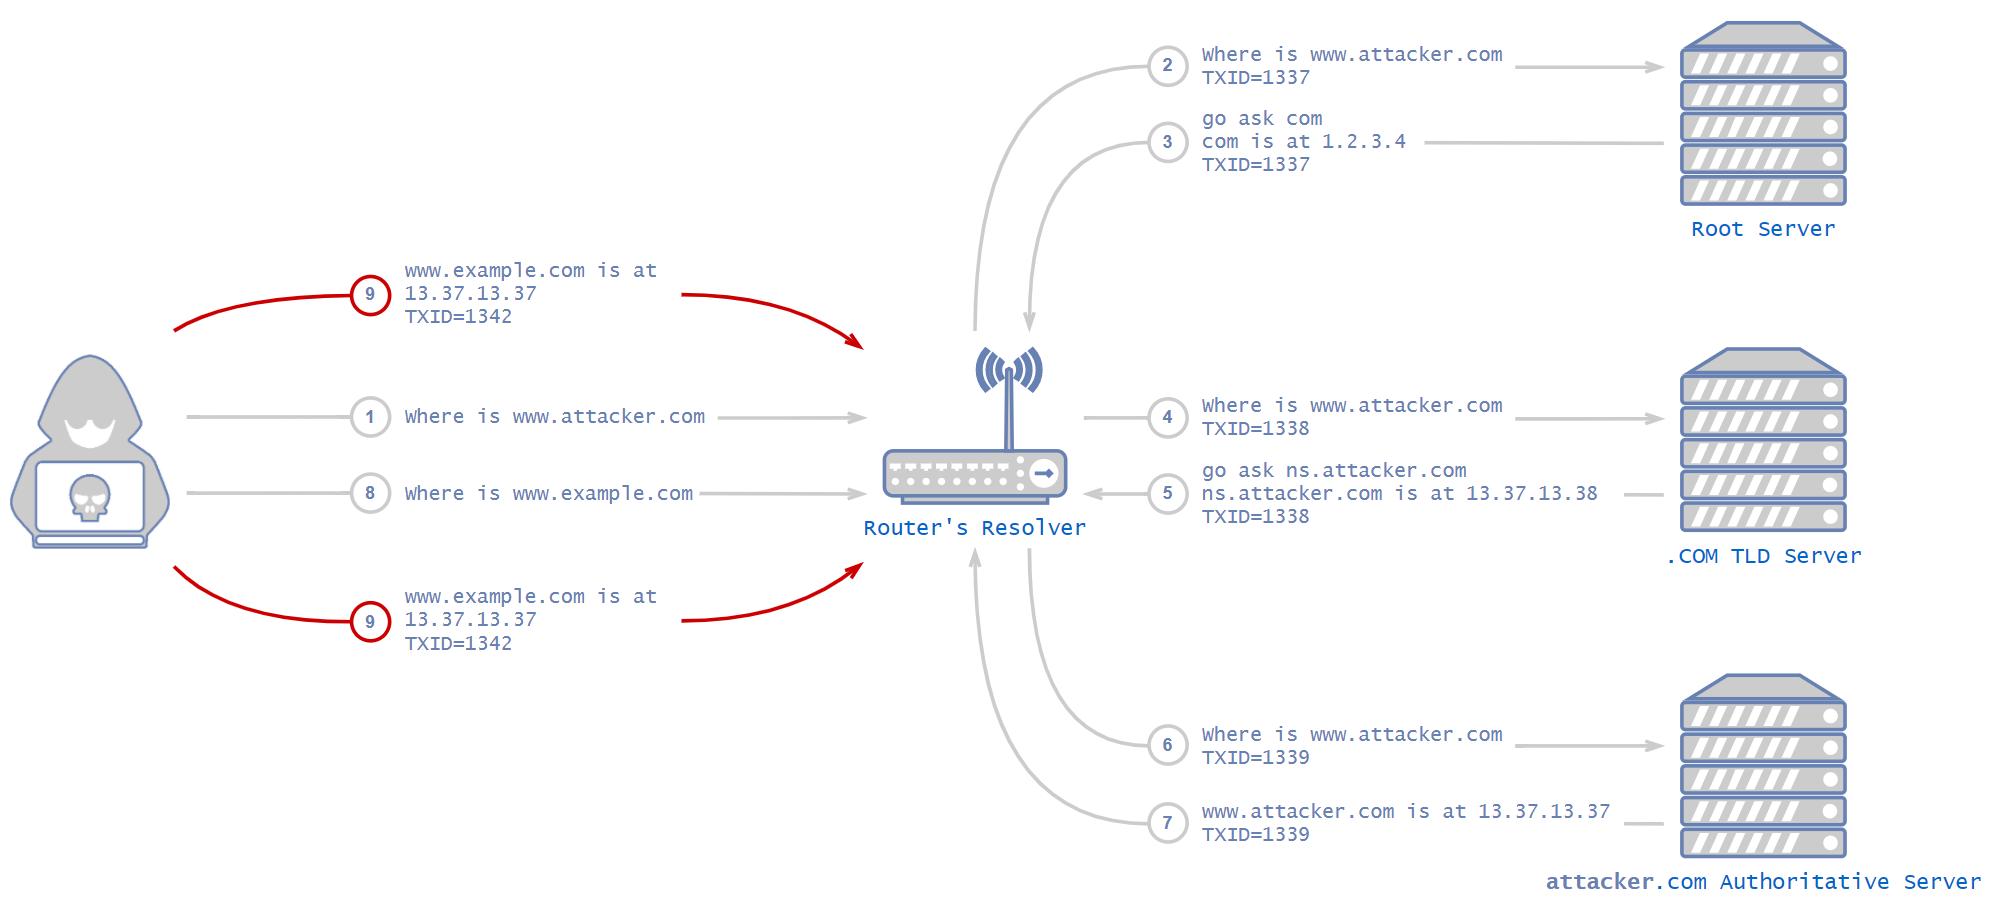 DNSの脆弱性があると、DNSプロトコルはDNSキャッシュポイズニング攻撃(ここで説明した攻撃など)を受けやすくなります。ここでは、攻撃者はルーターのリゾルバに干渉して、要求されたドメインの解決に使用するための、偽のIPアドレスを提供します。